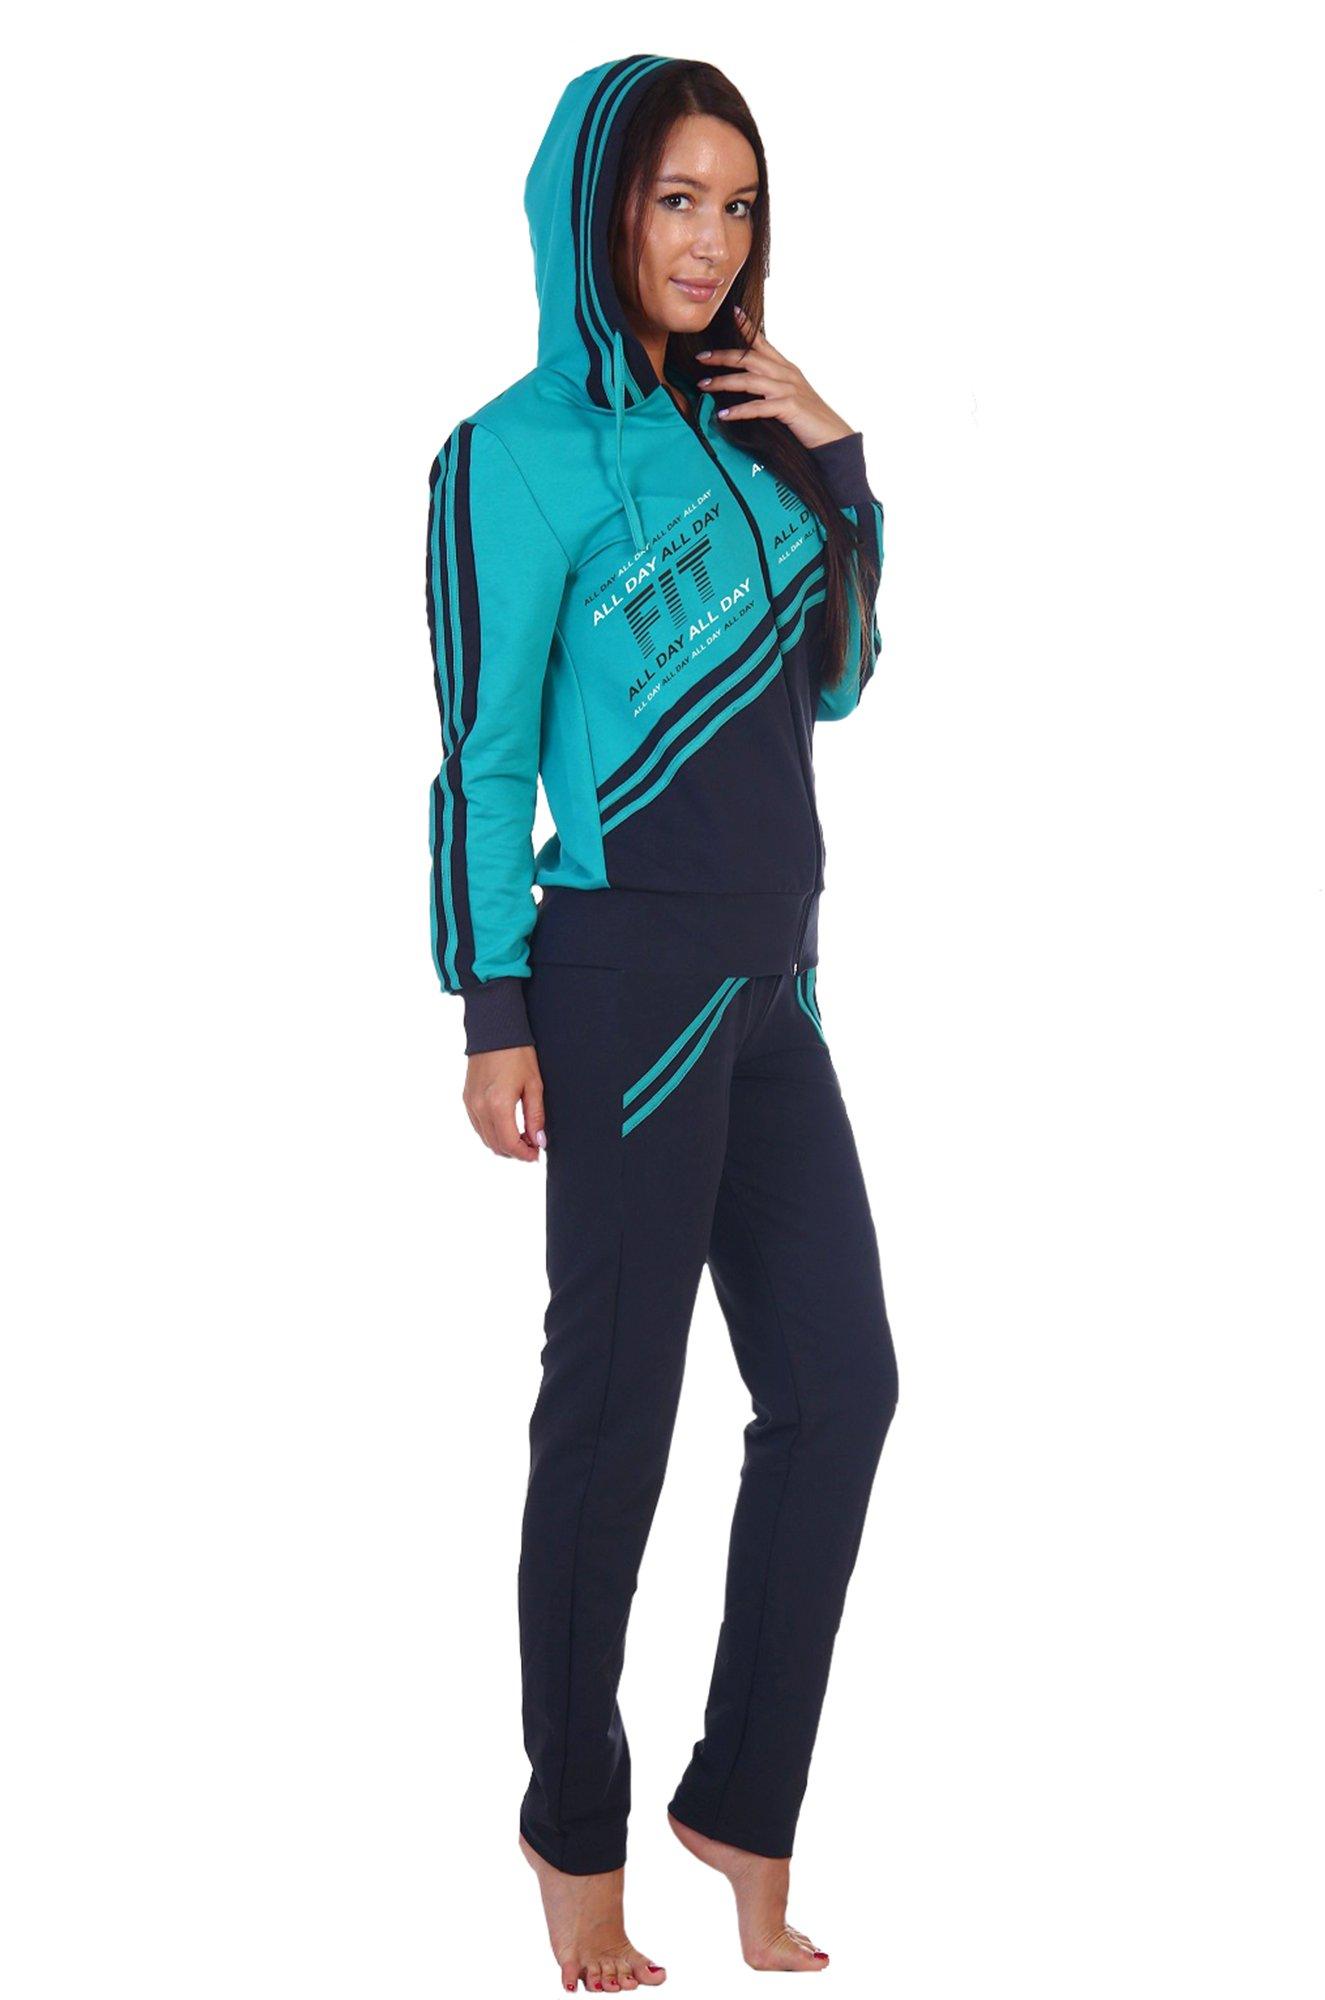 29933ee98137 Костюм Натали купить оптом в интернет-магазине Happywear.ru